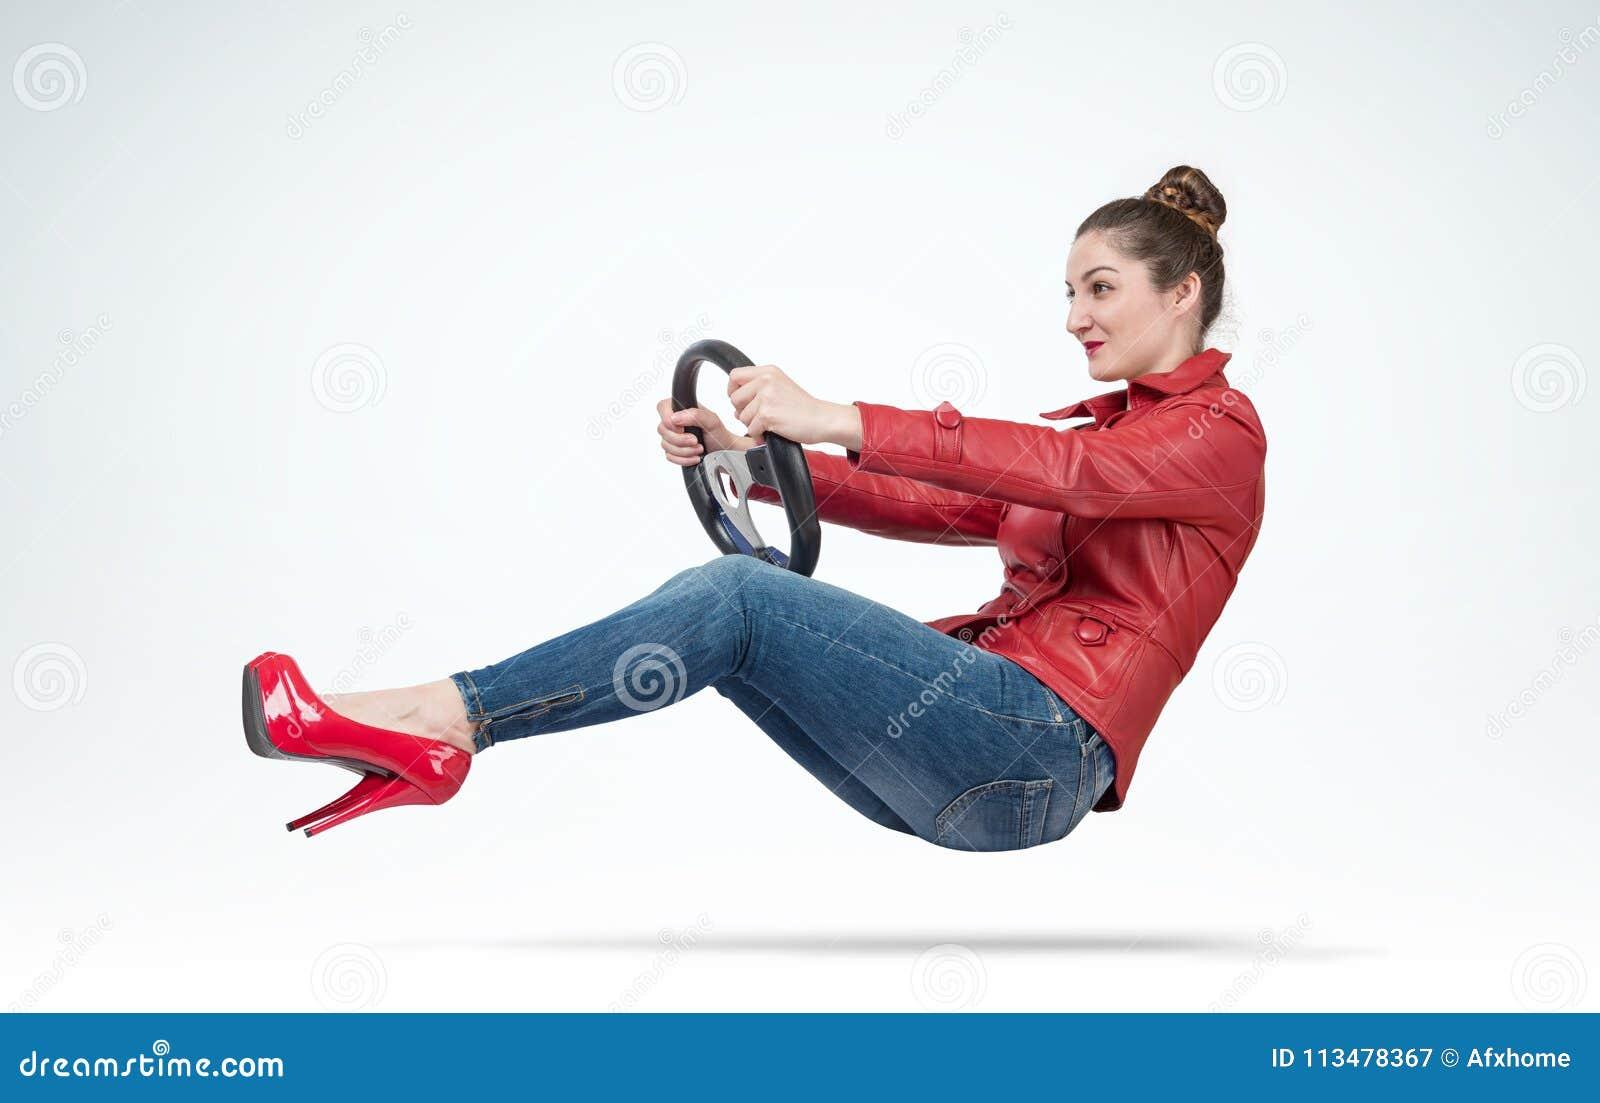 Giovane donna in bomber rosso con il volante dell automobile, concetto automatico